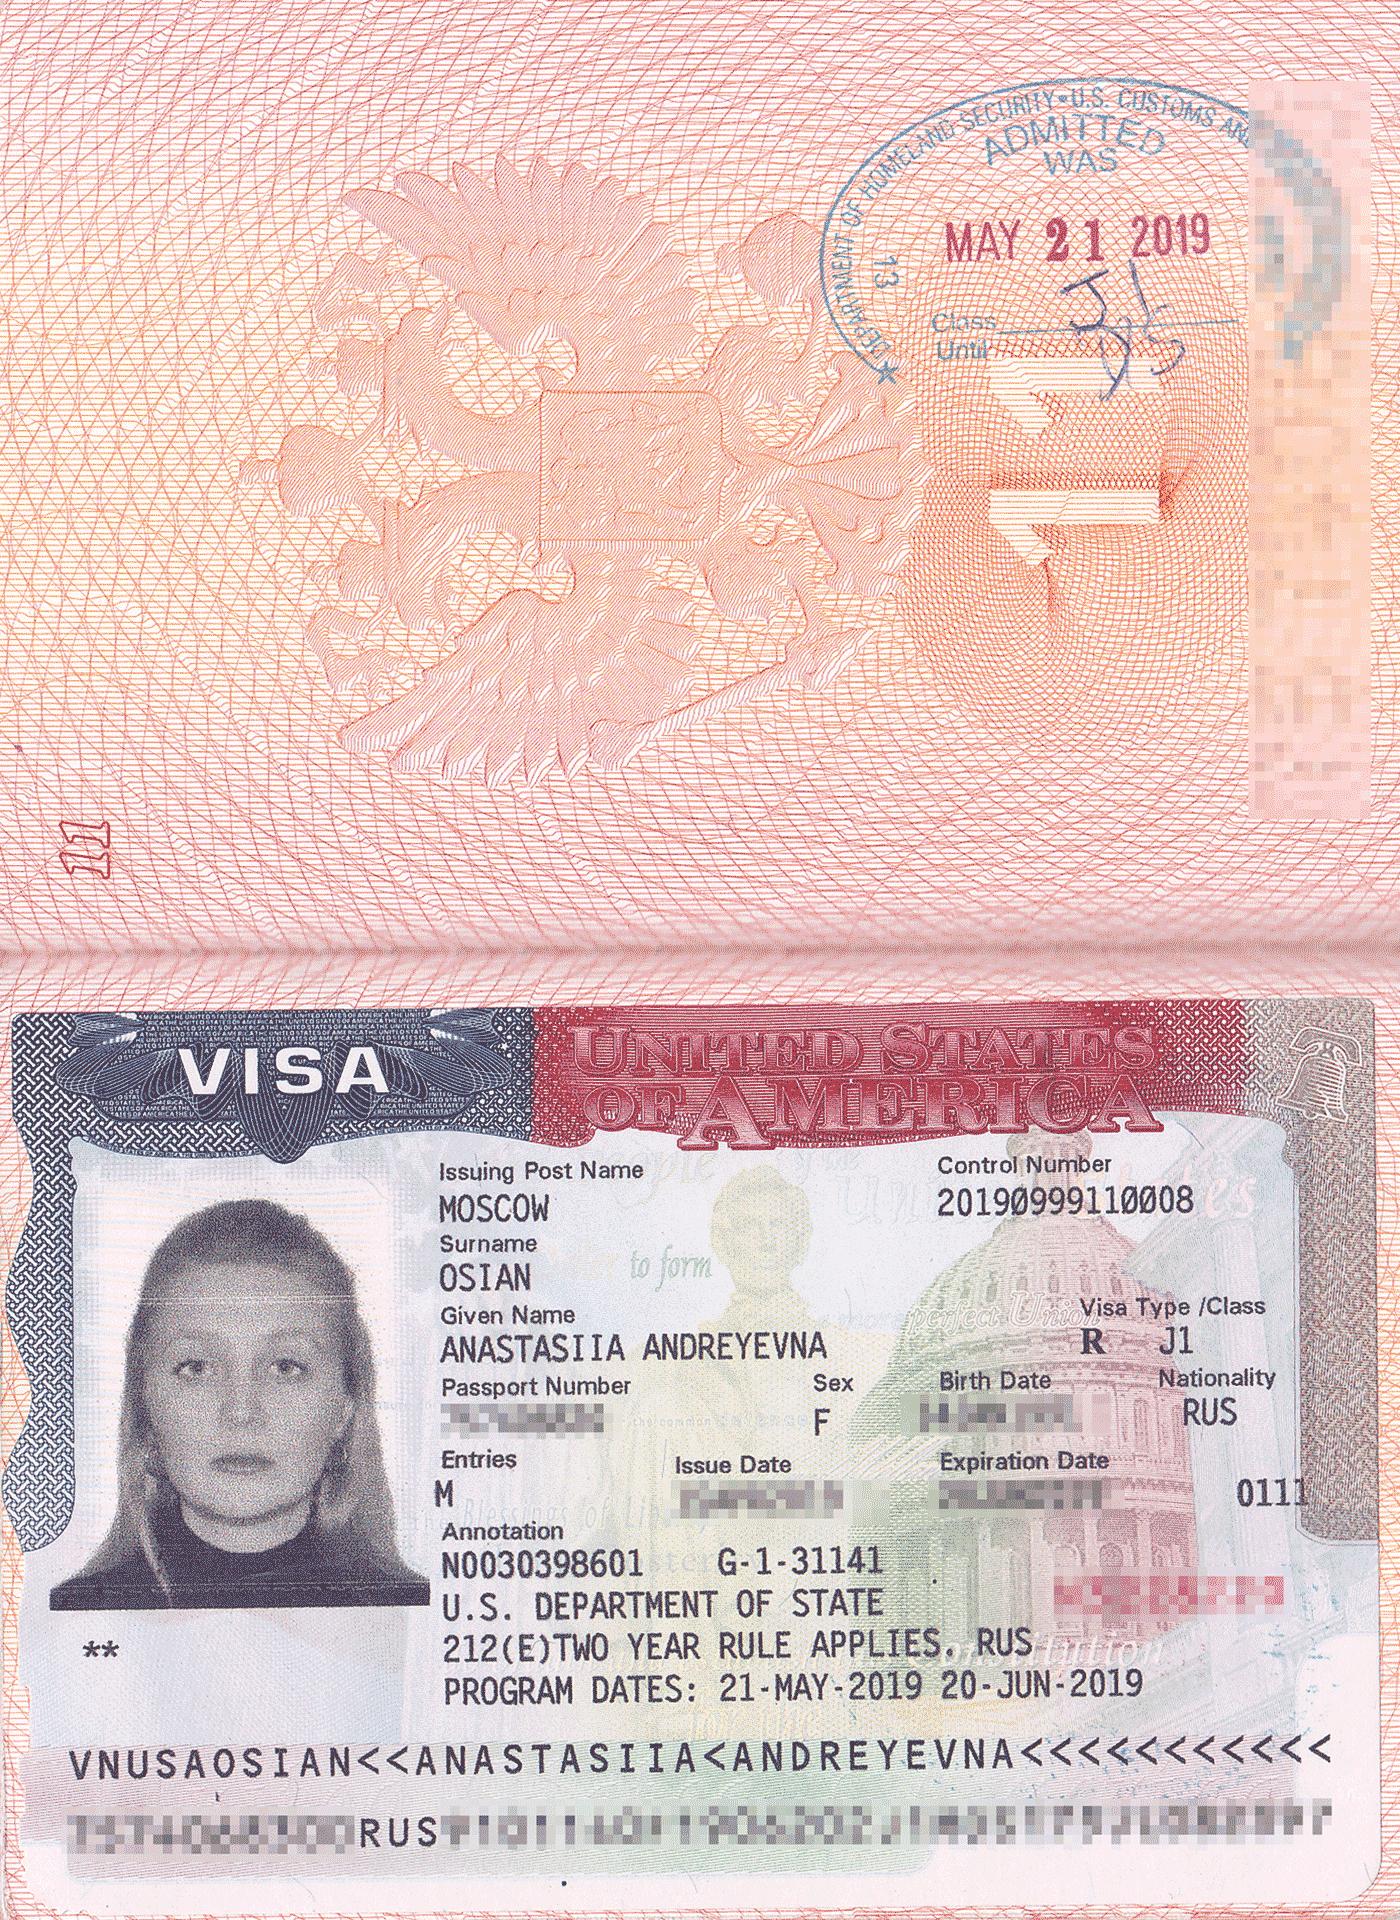 Только ленивый не пошутил, что на визовом фото я похожа на агента КГБ